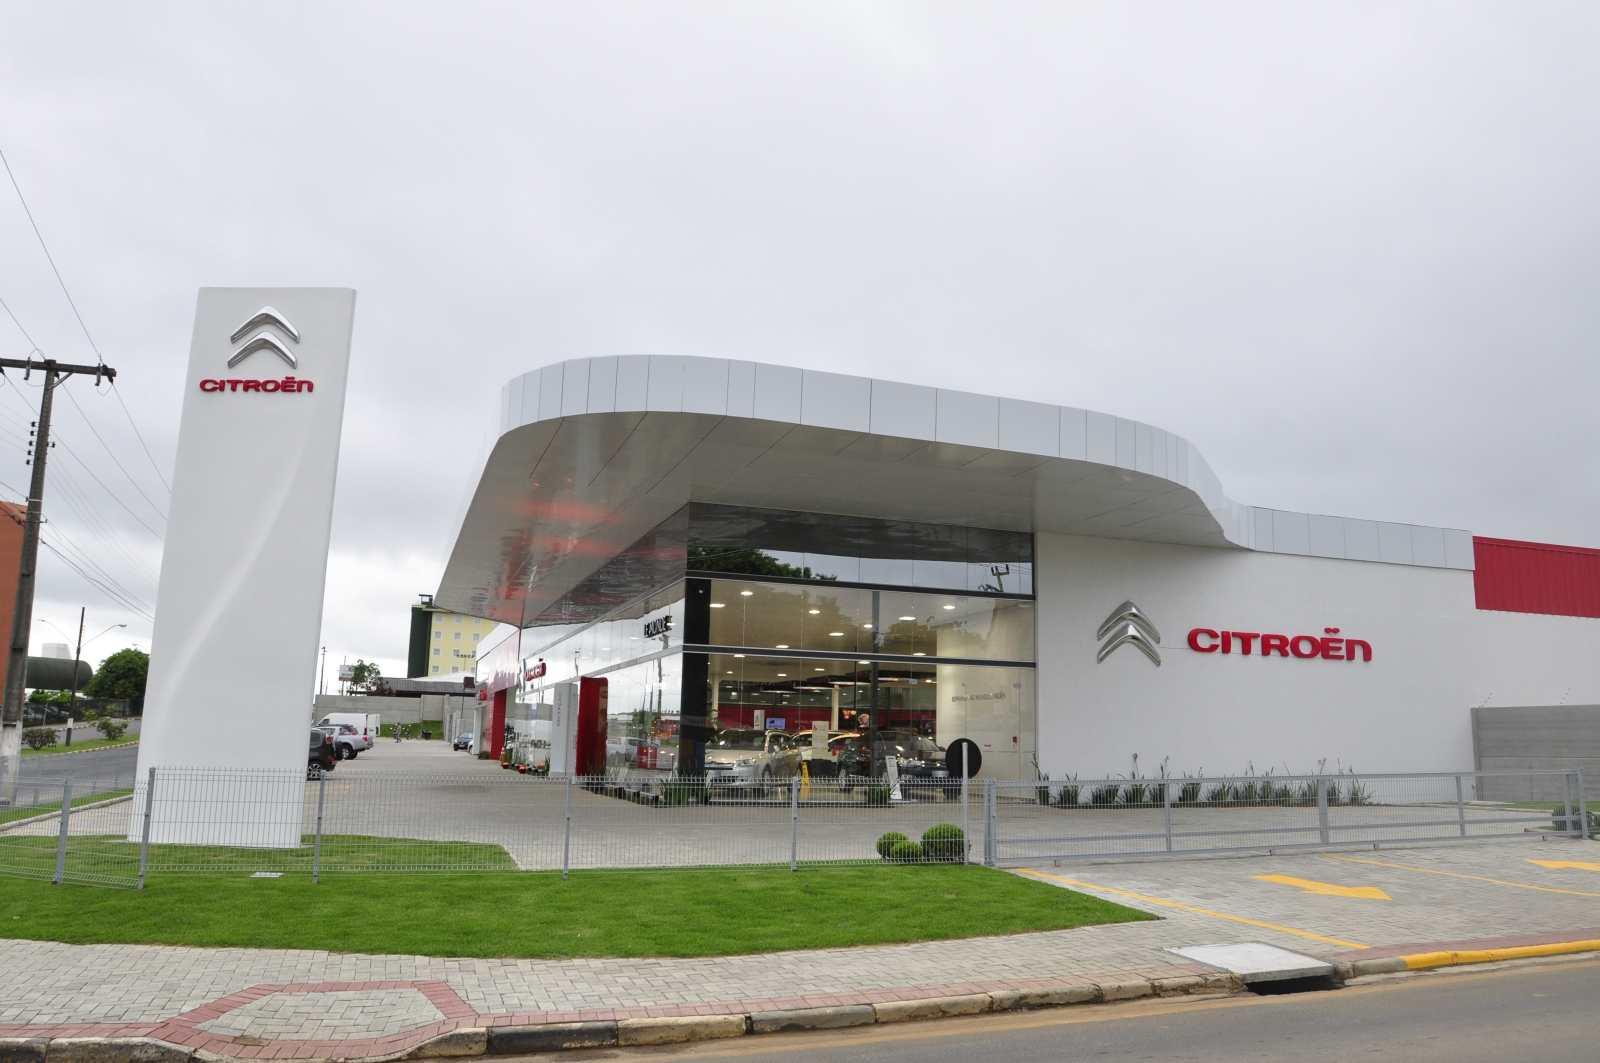 6bd613c6e2fb9 Citroën inaugura novas instalações da Le Monde em Criciúma